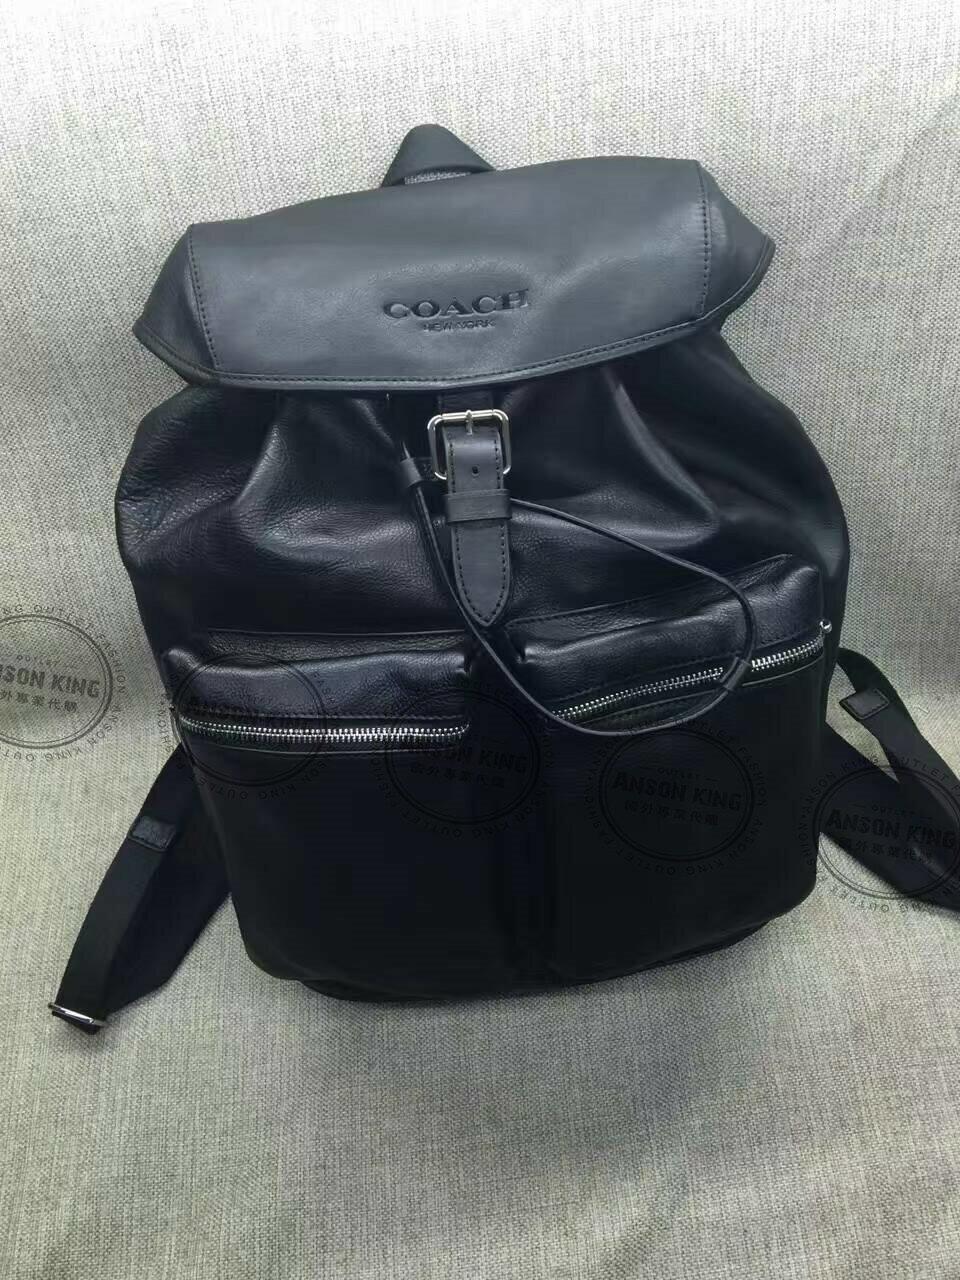 美國Outlet代購 Coach 全新正品 F71728 牛皮壓紋翻蓋式抽繩後背包 雙肩包 書包 上班包 黑色